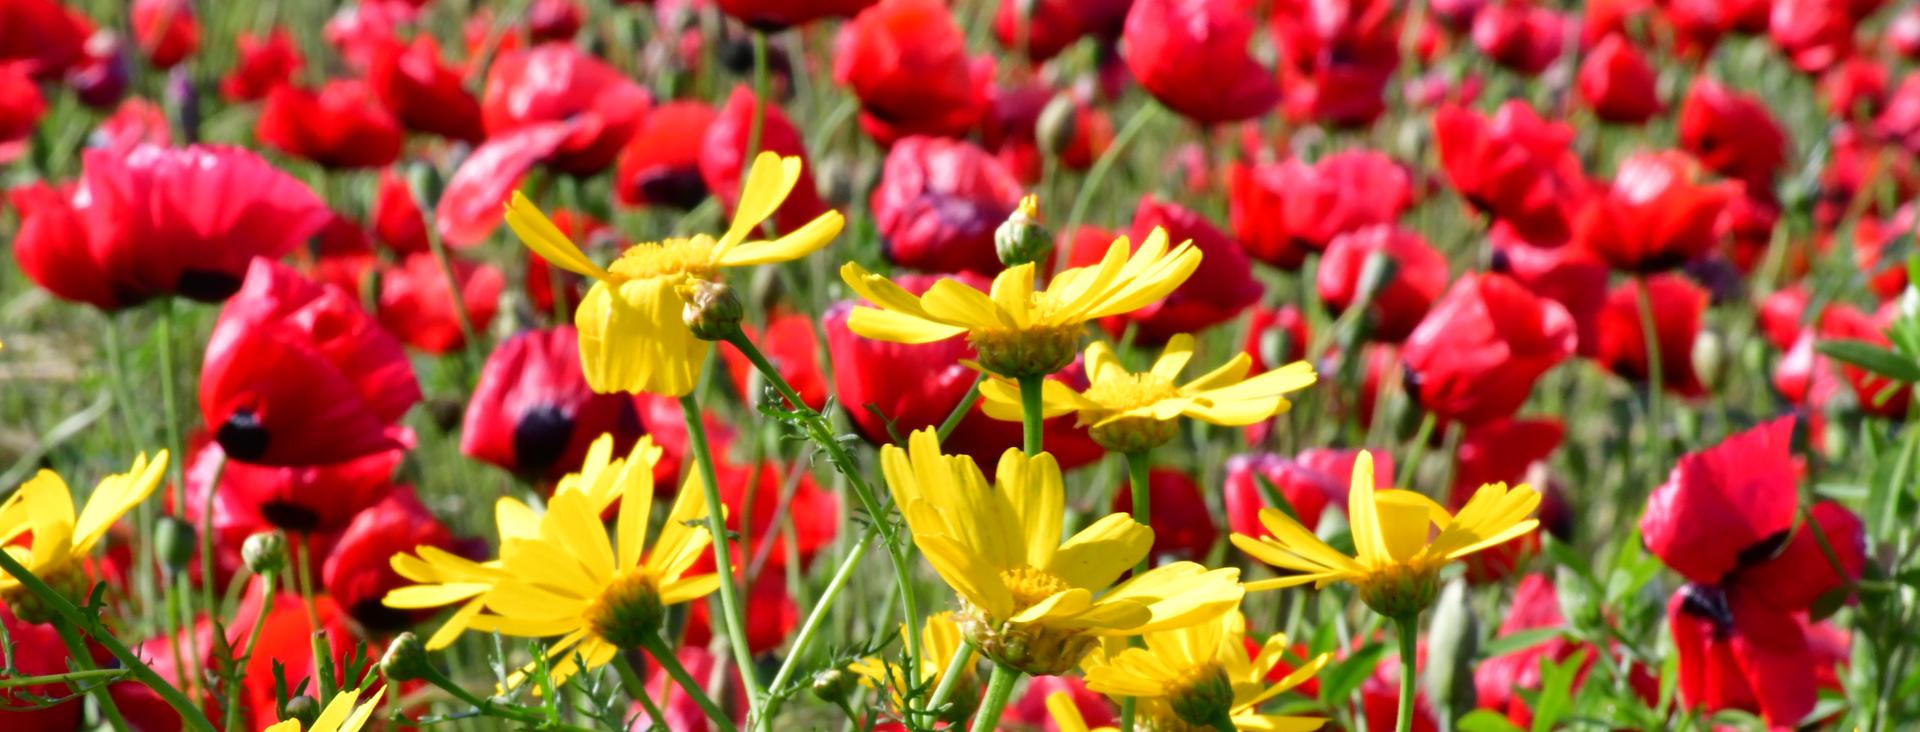 אדום צהוב - יואל שתרוג - אדמה יוצרת - yoel sitruk